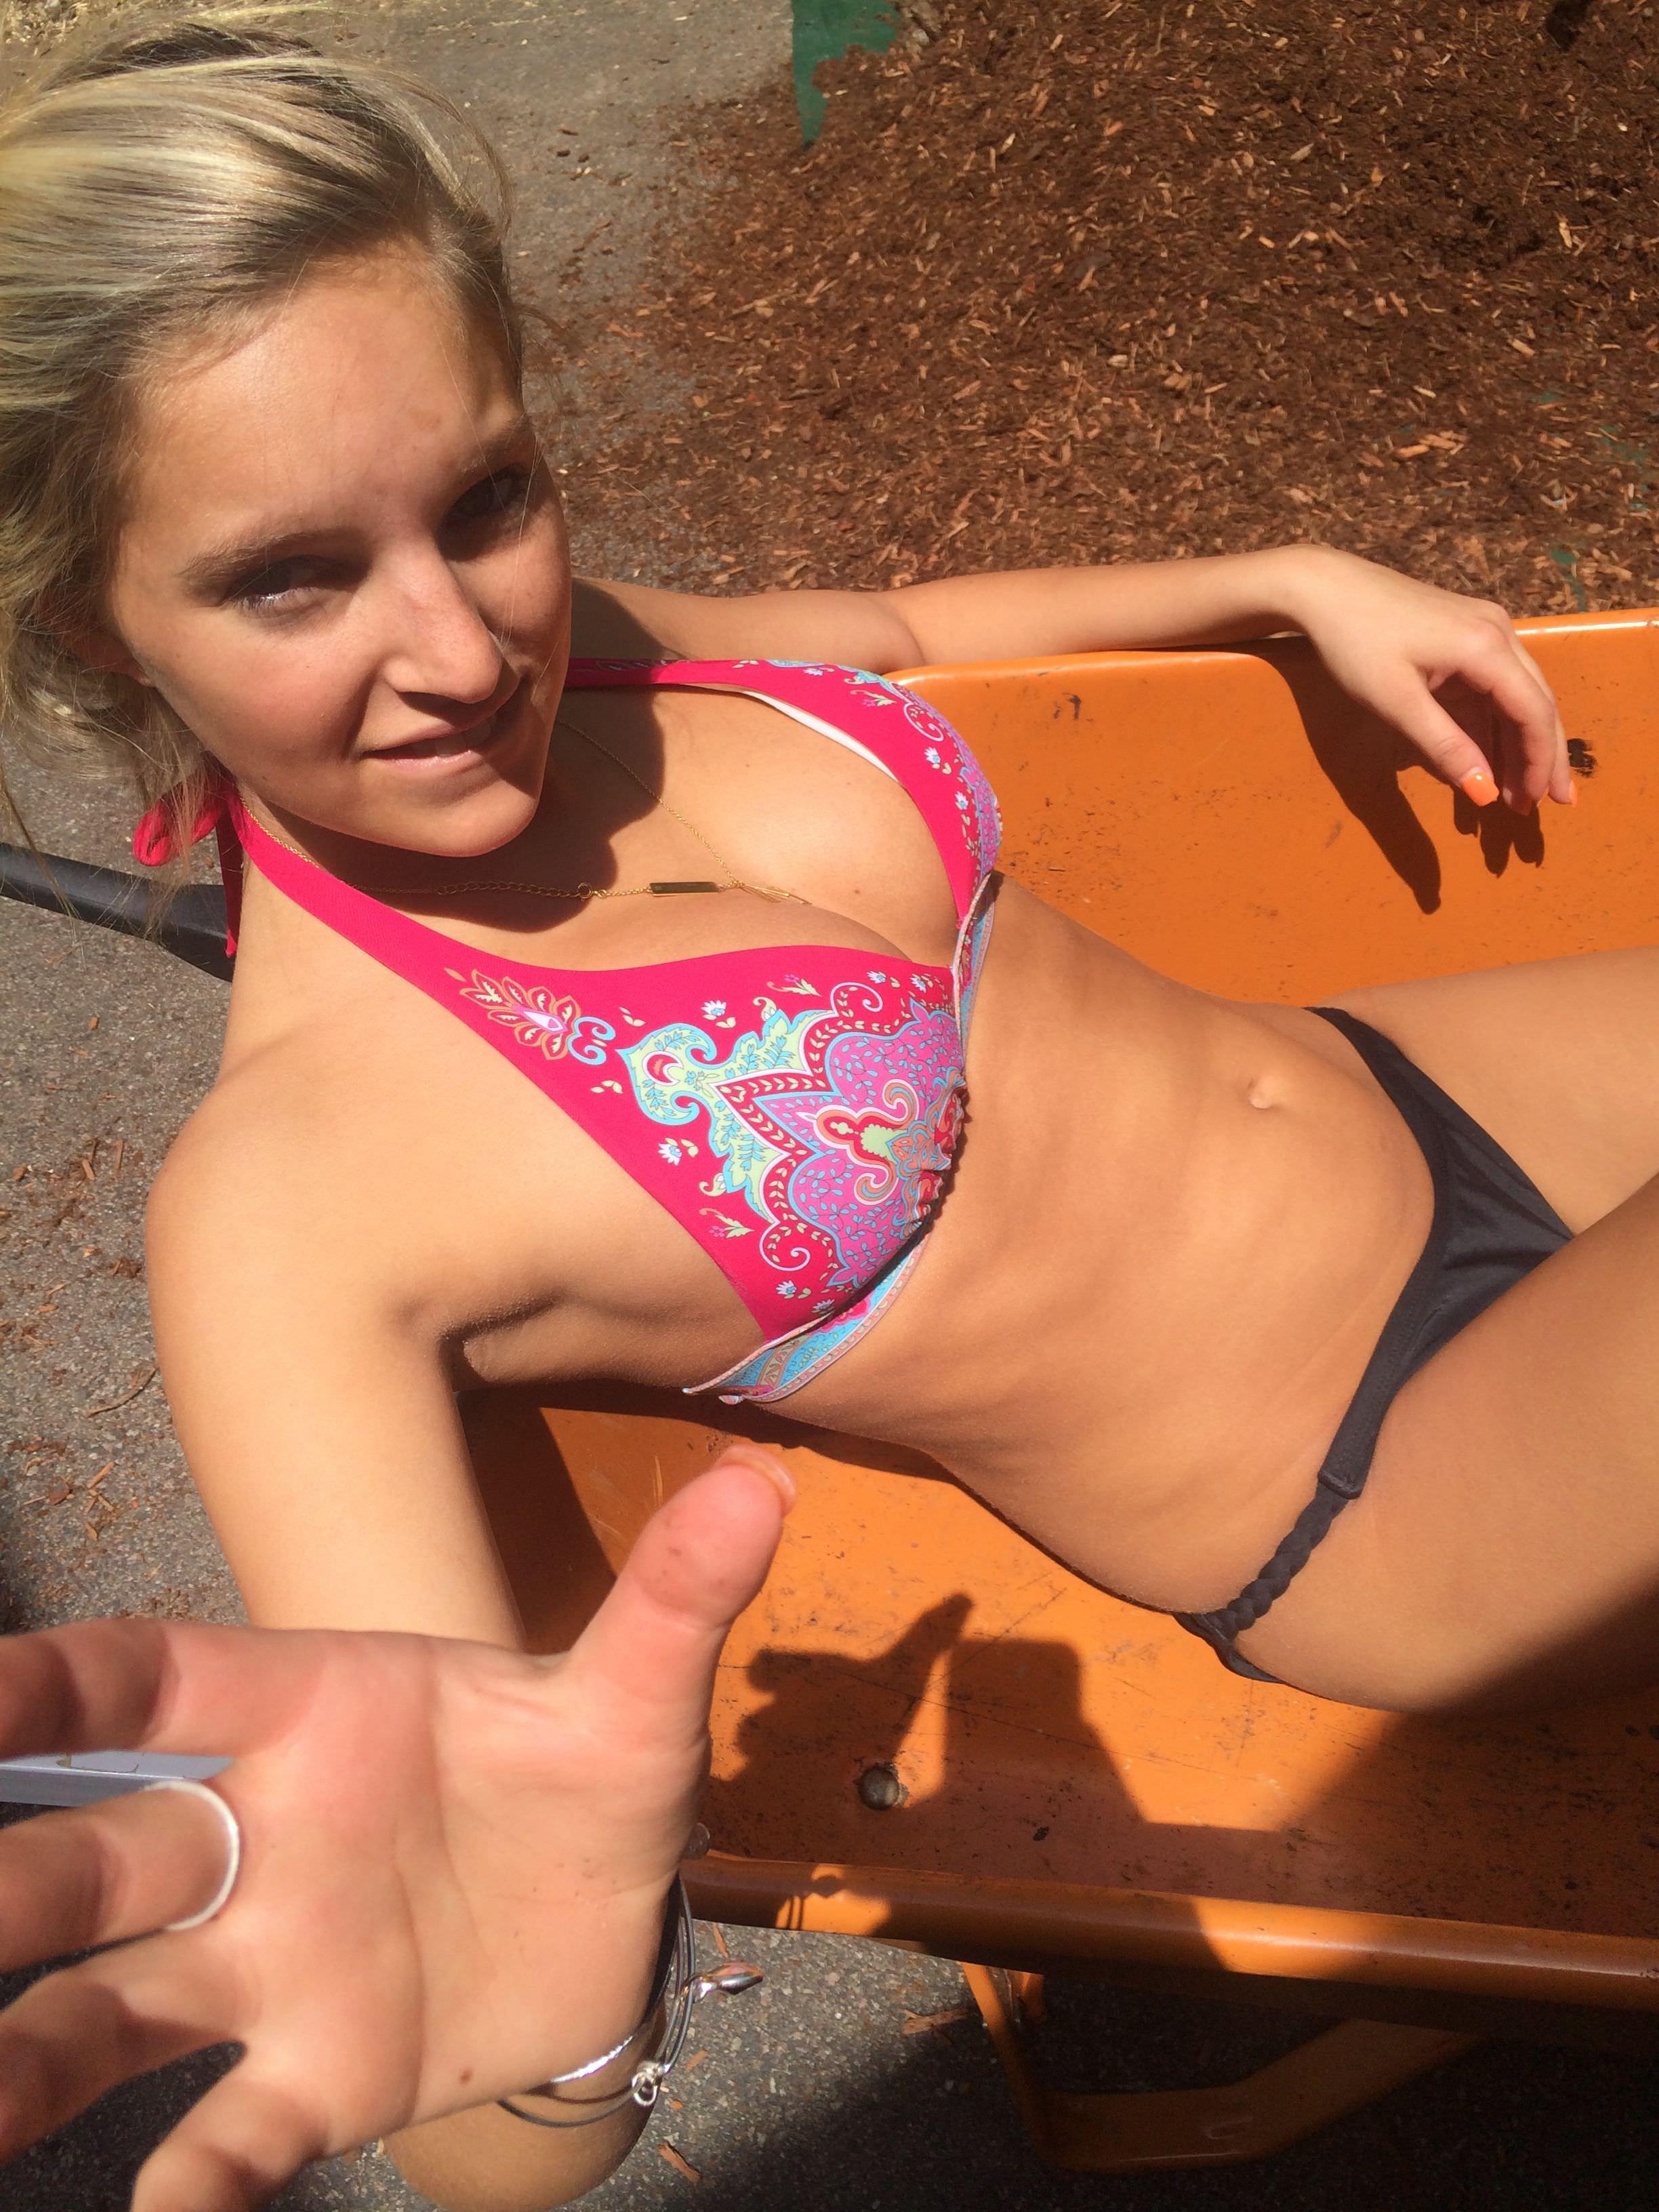 Nicole Spiller Nude Photos (mtv's Ayto) Leaked 0057